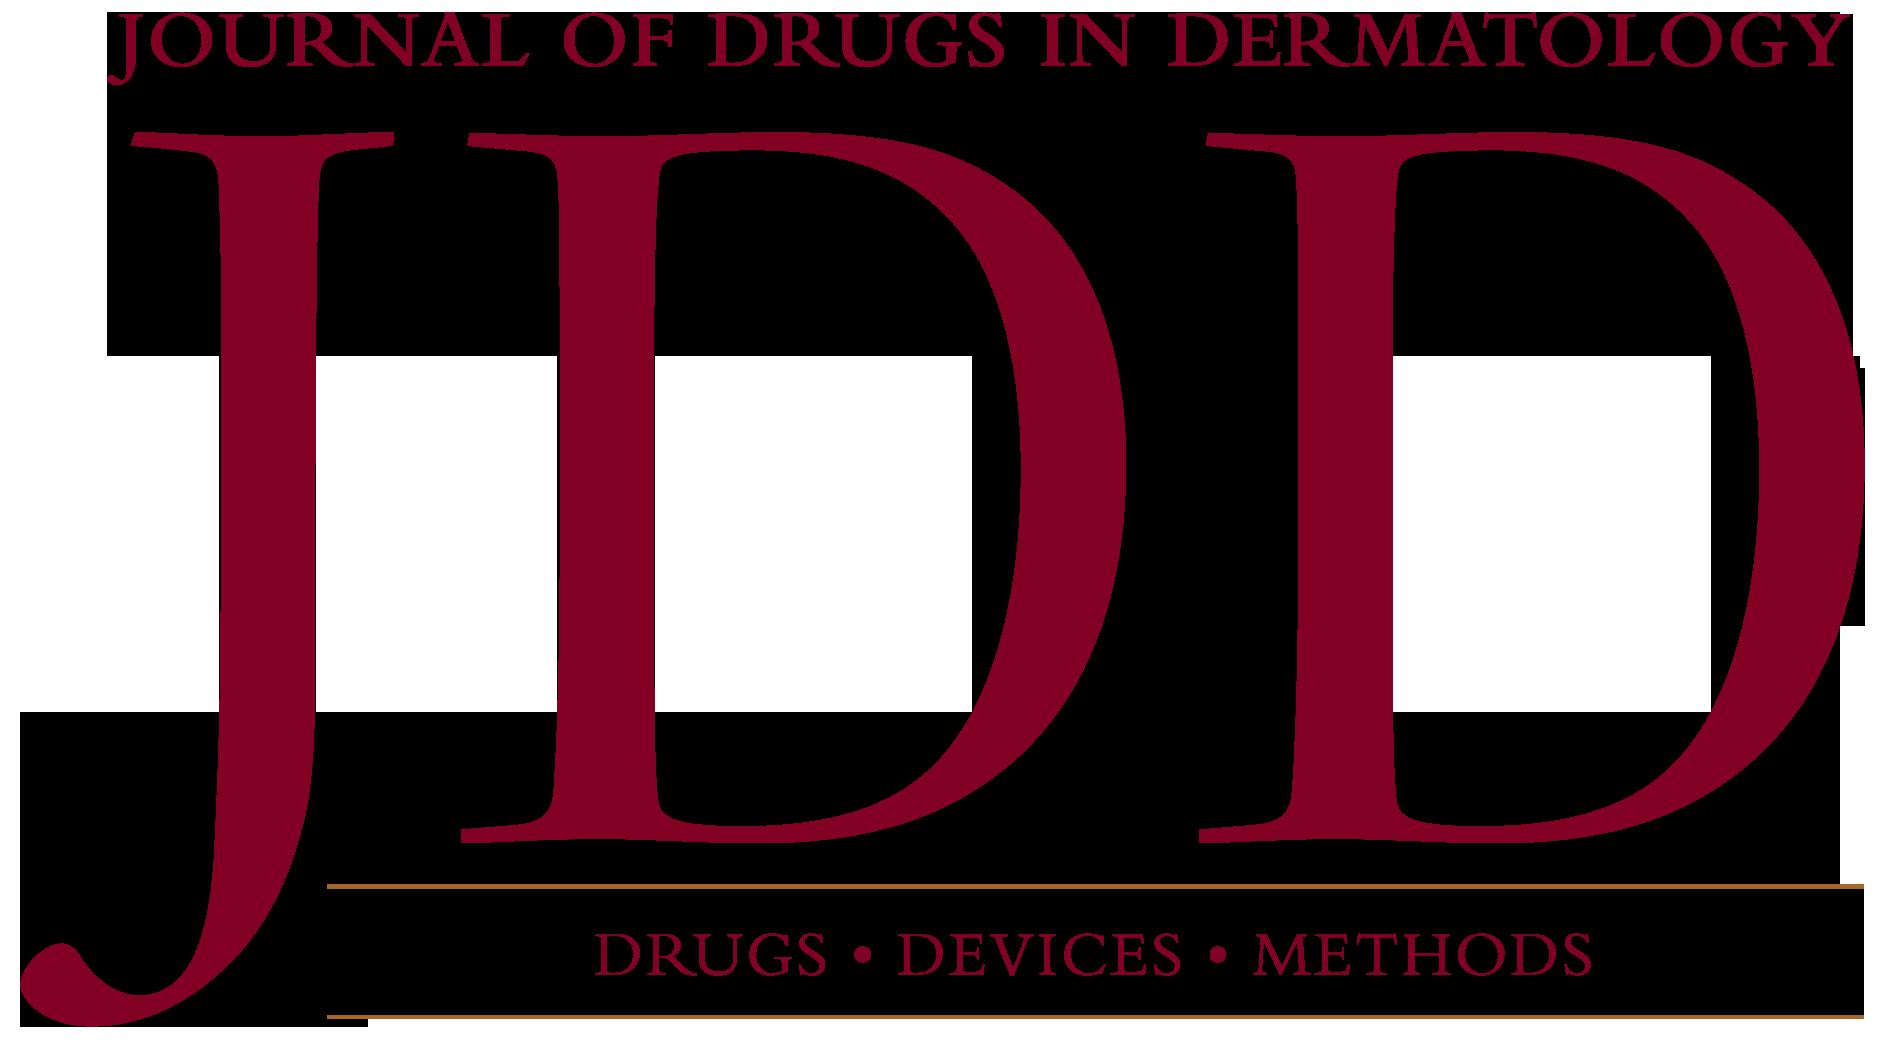 jdd_logo_red